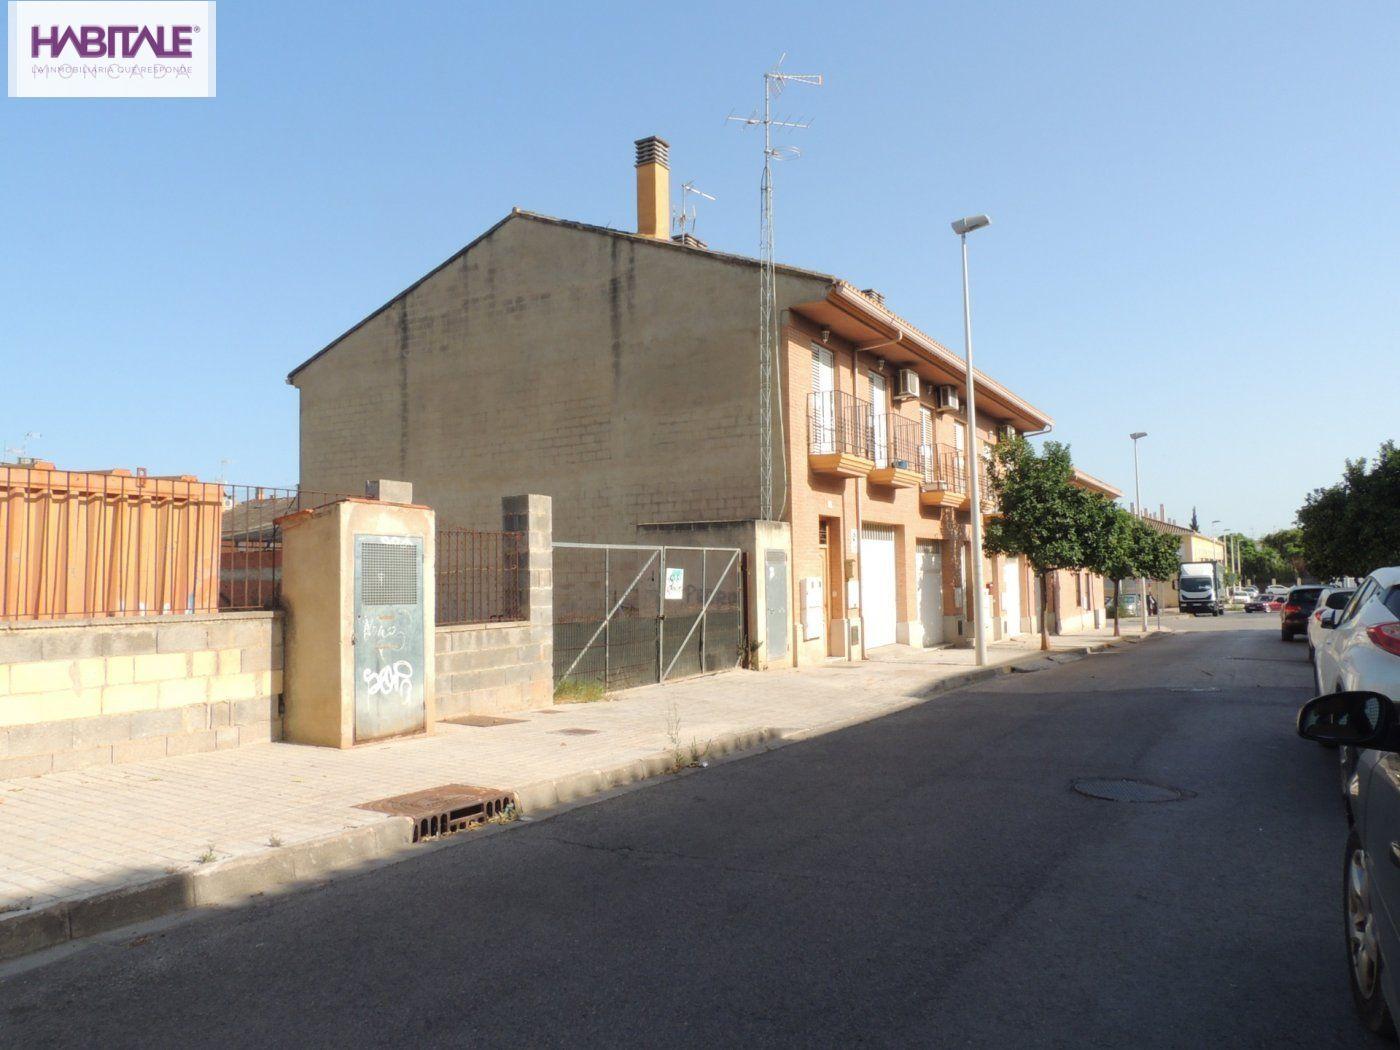 Venta de Terreno urbano en Moncada